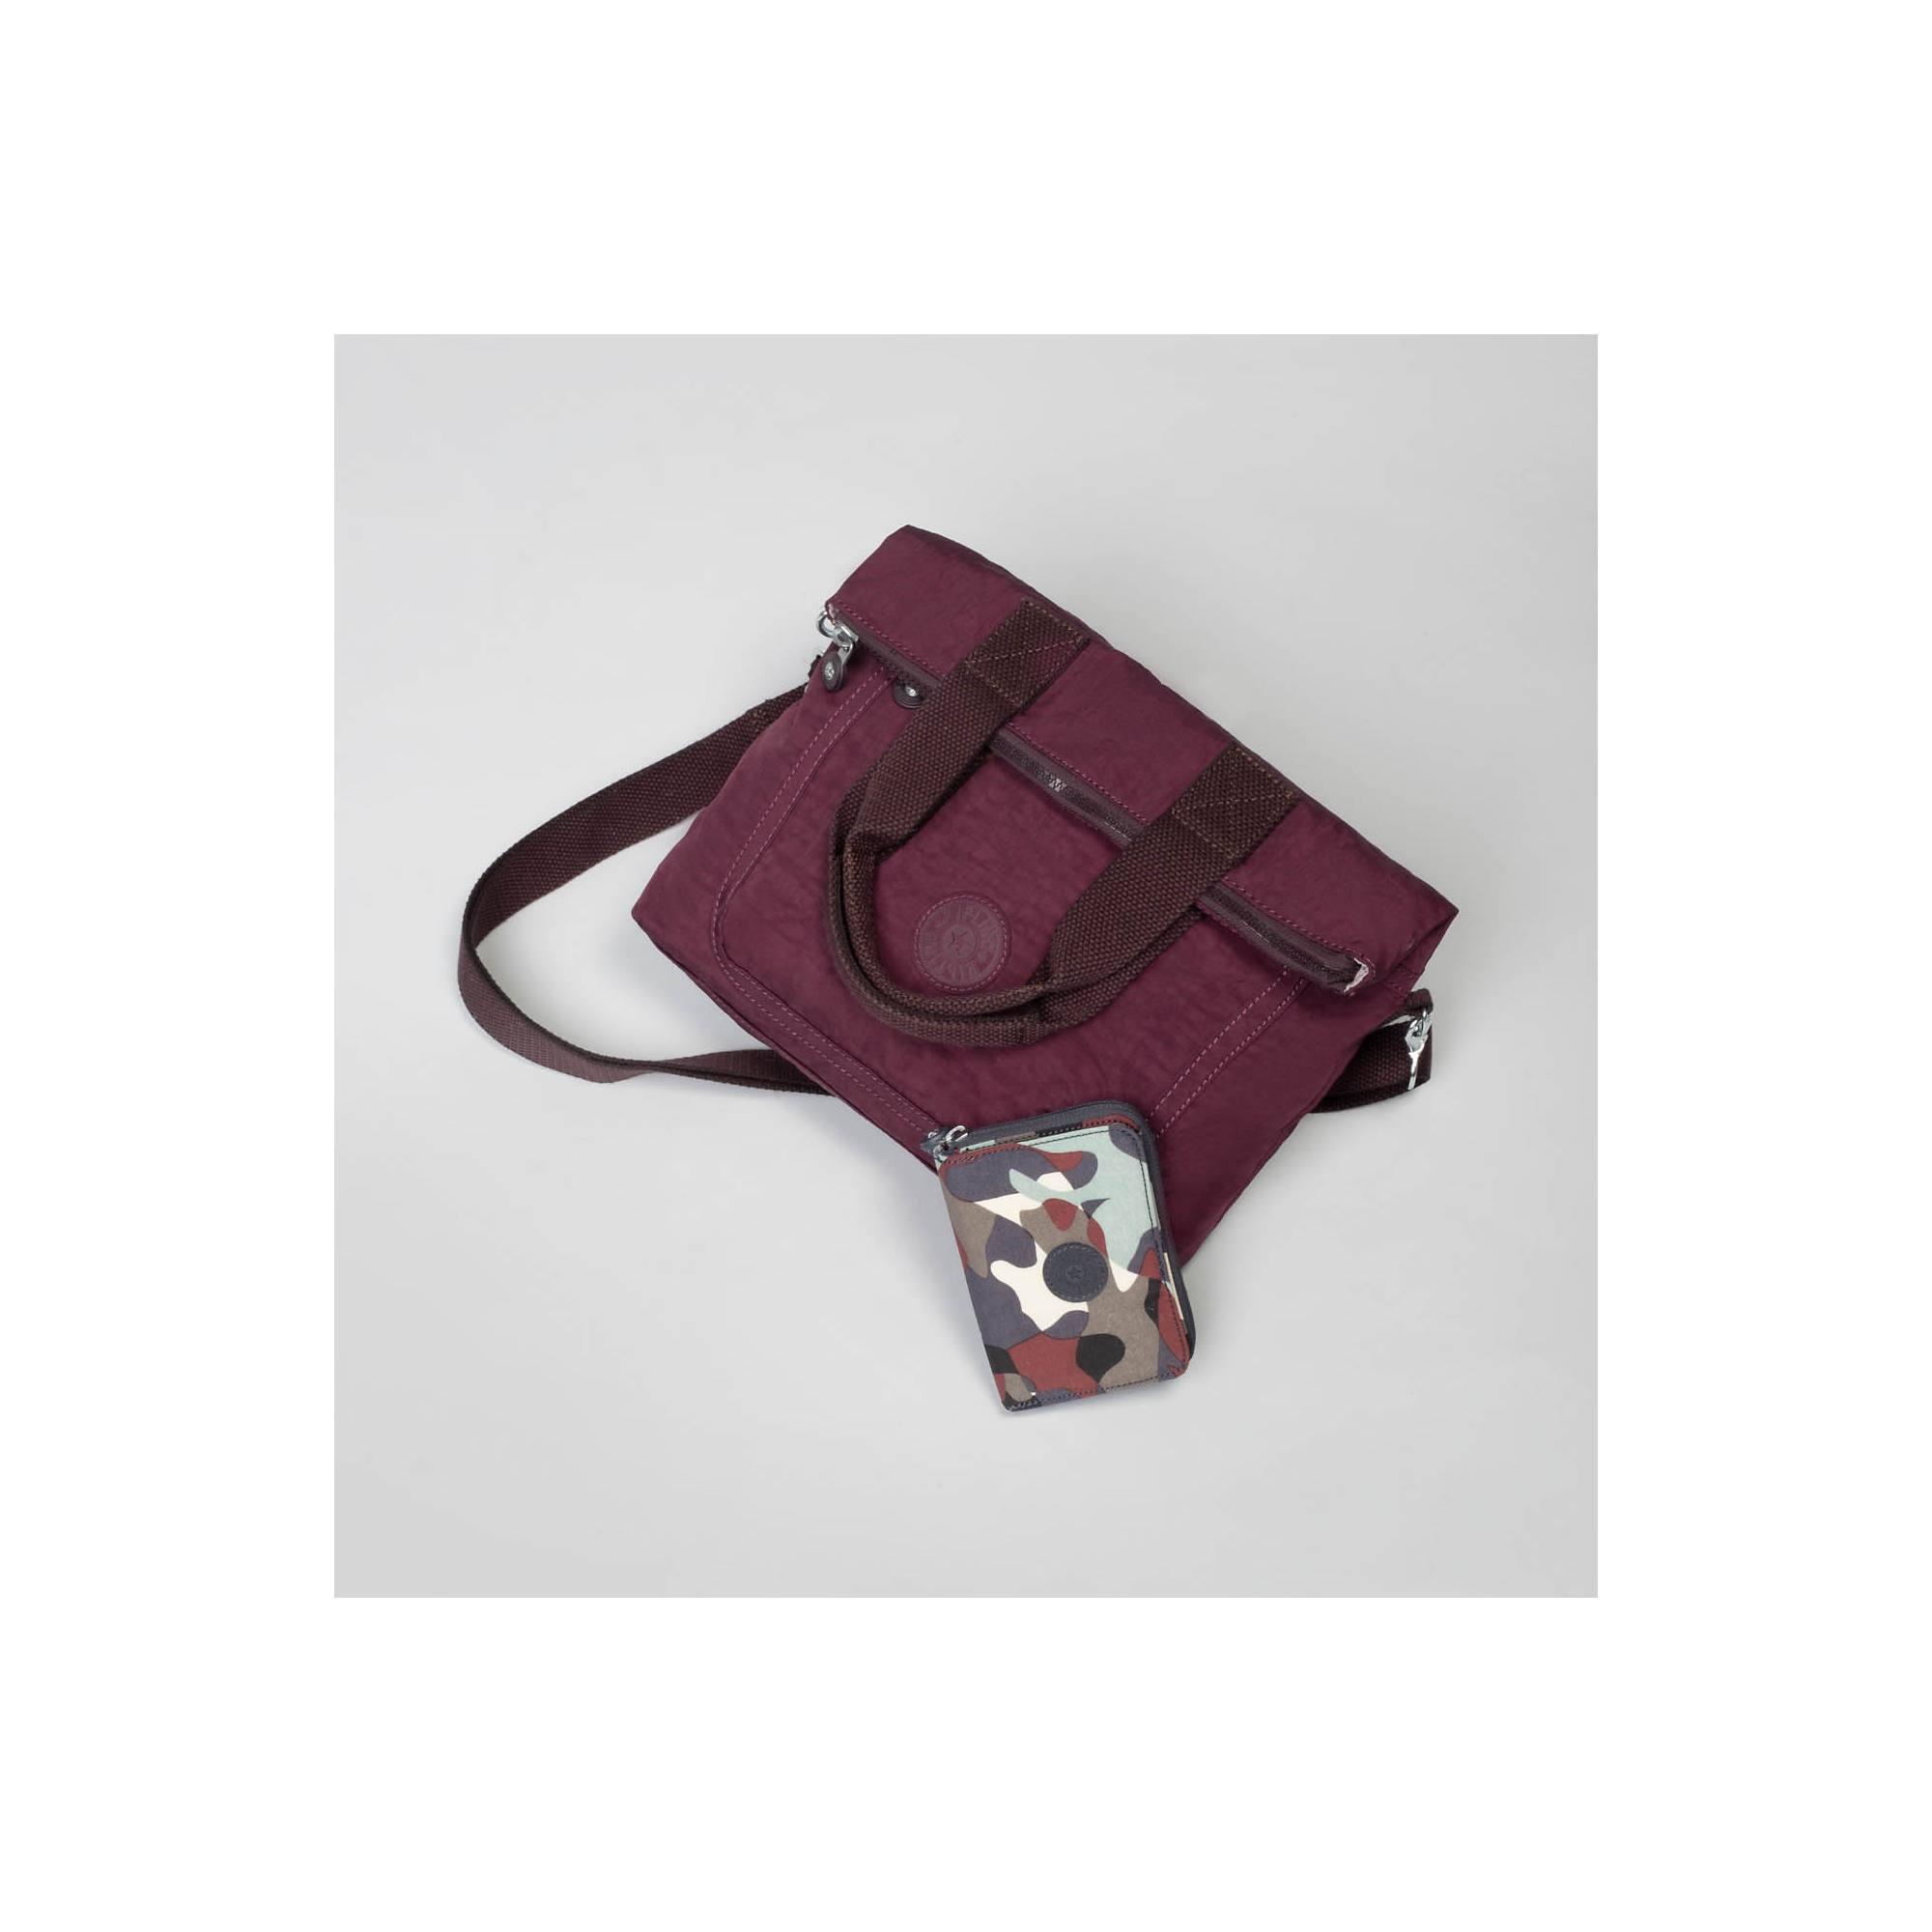 Kipling-Eleva-Cabrio-Tasche Indexbild 34